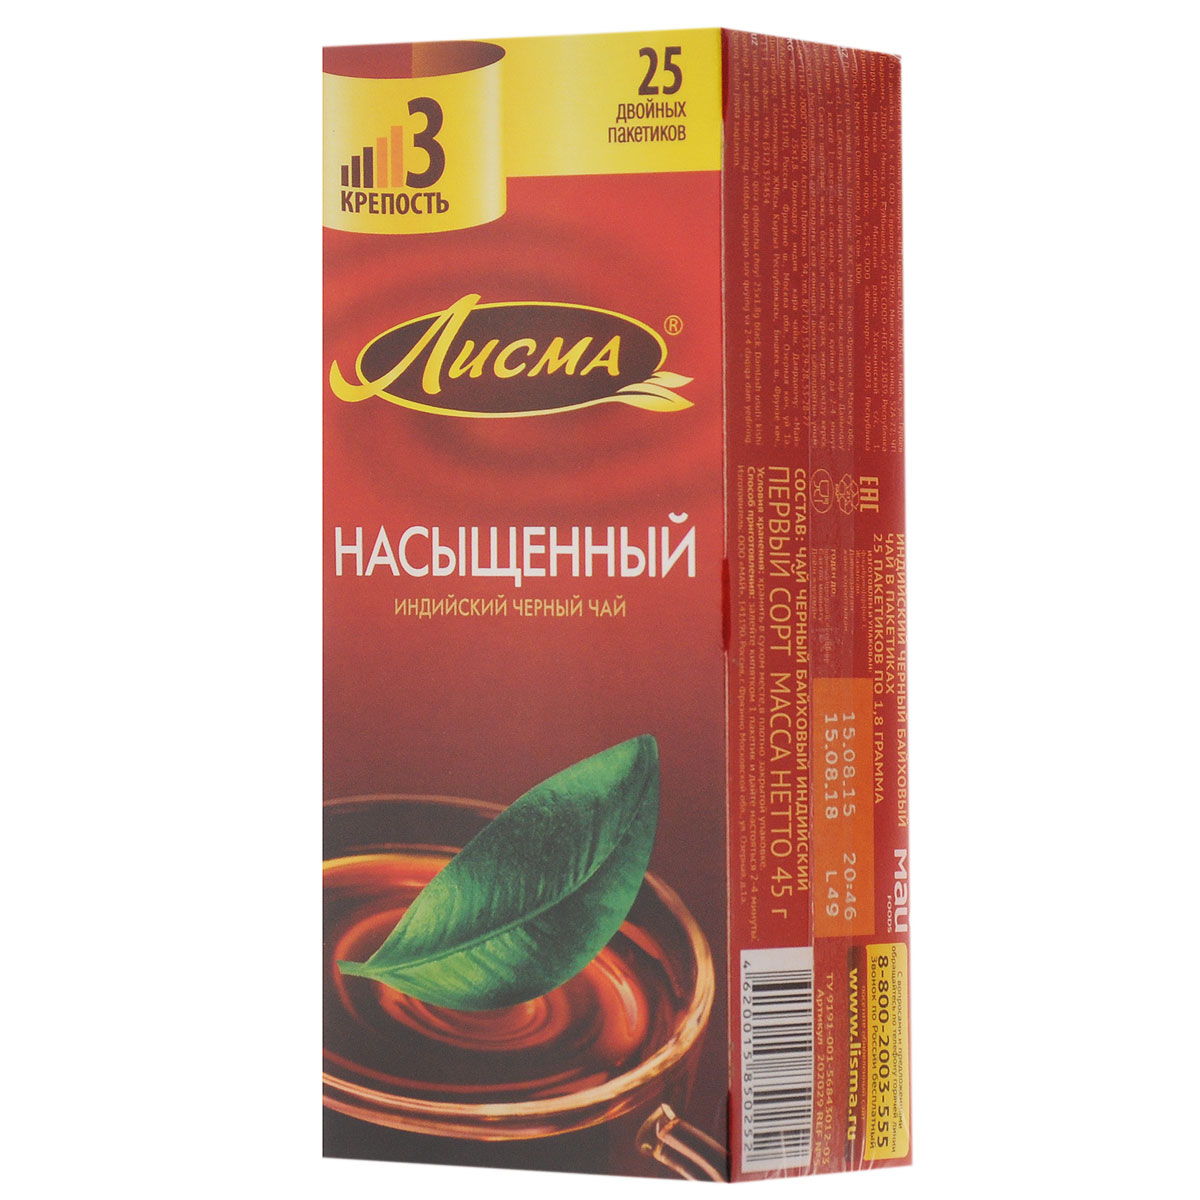 Лисма Насыщенный черный чай в пакетиках, 25 шт